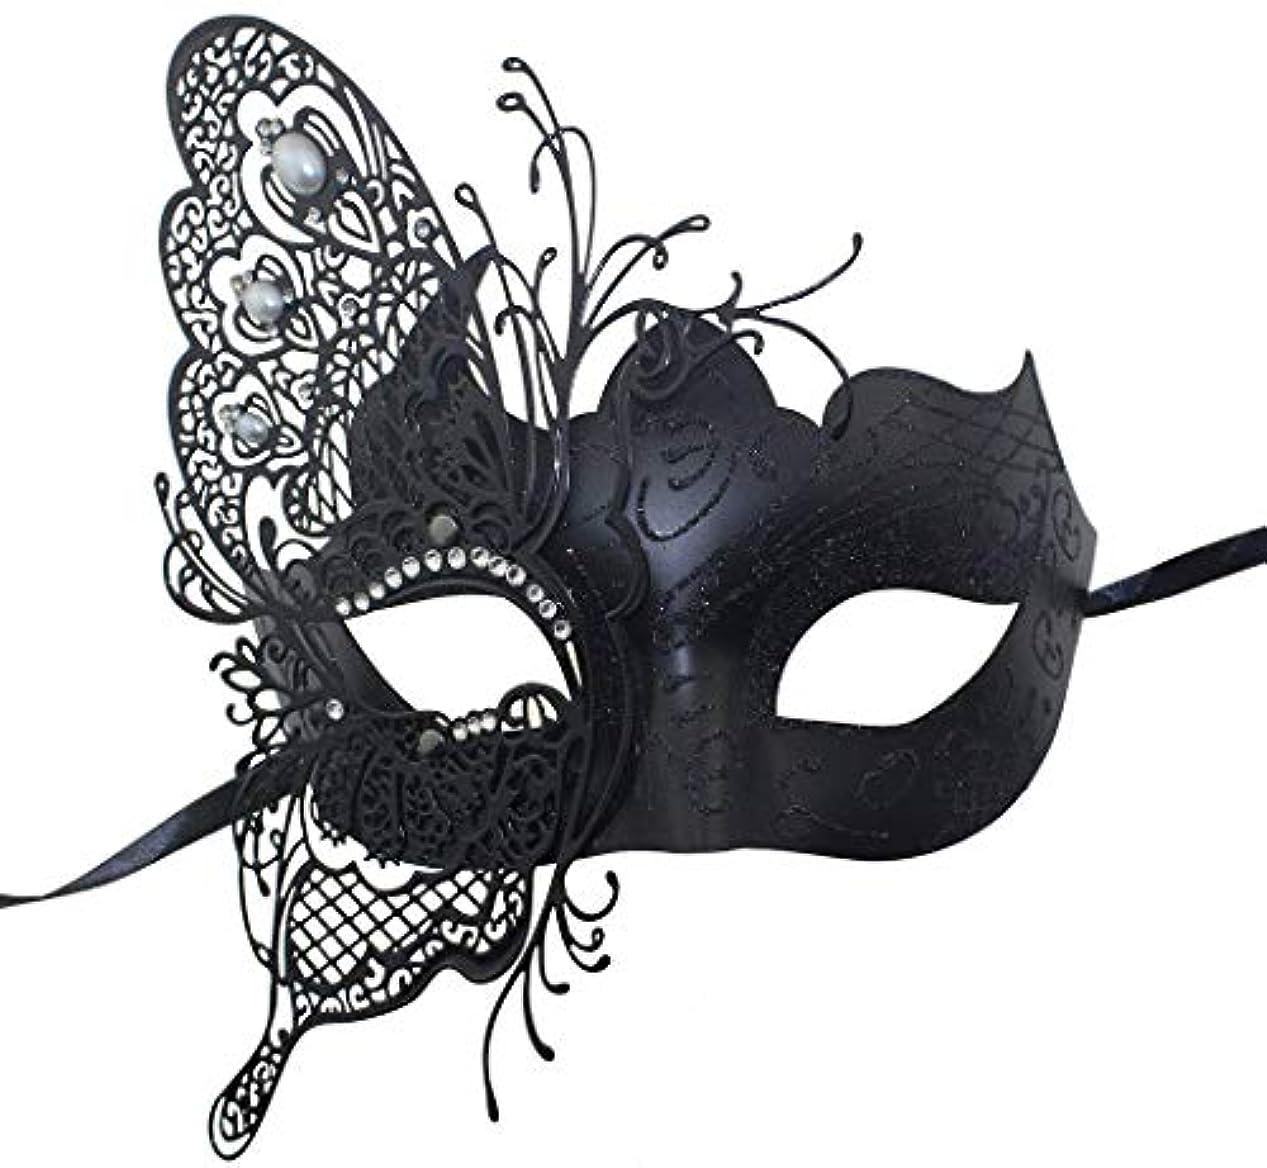 全国道に迷いました解釈Nanle 神秘的なヴェネツィアの蝶シャイニーバタフライレディマスカレードハロウィンマルディグラパーティーマスク (色 : 黒)